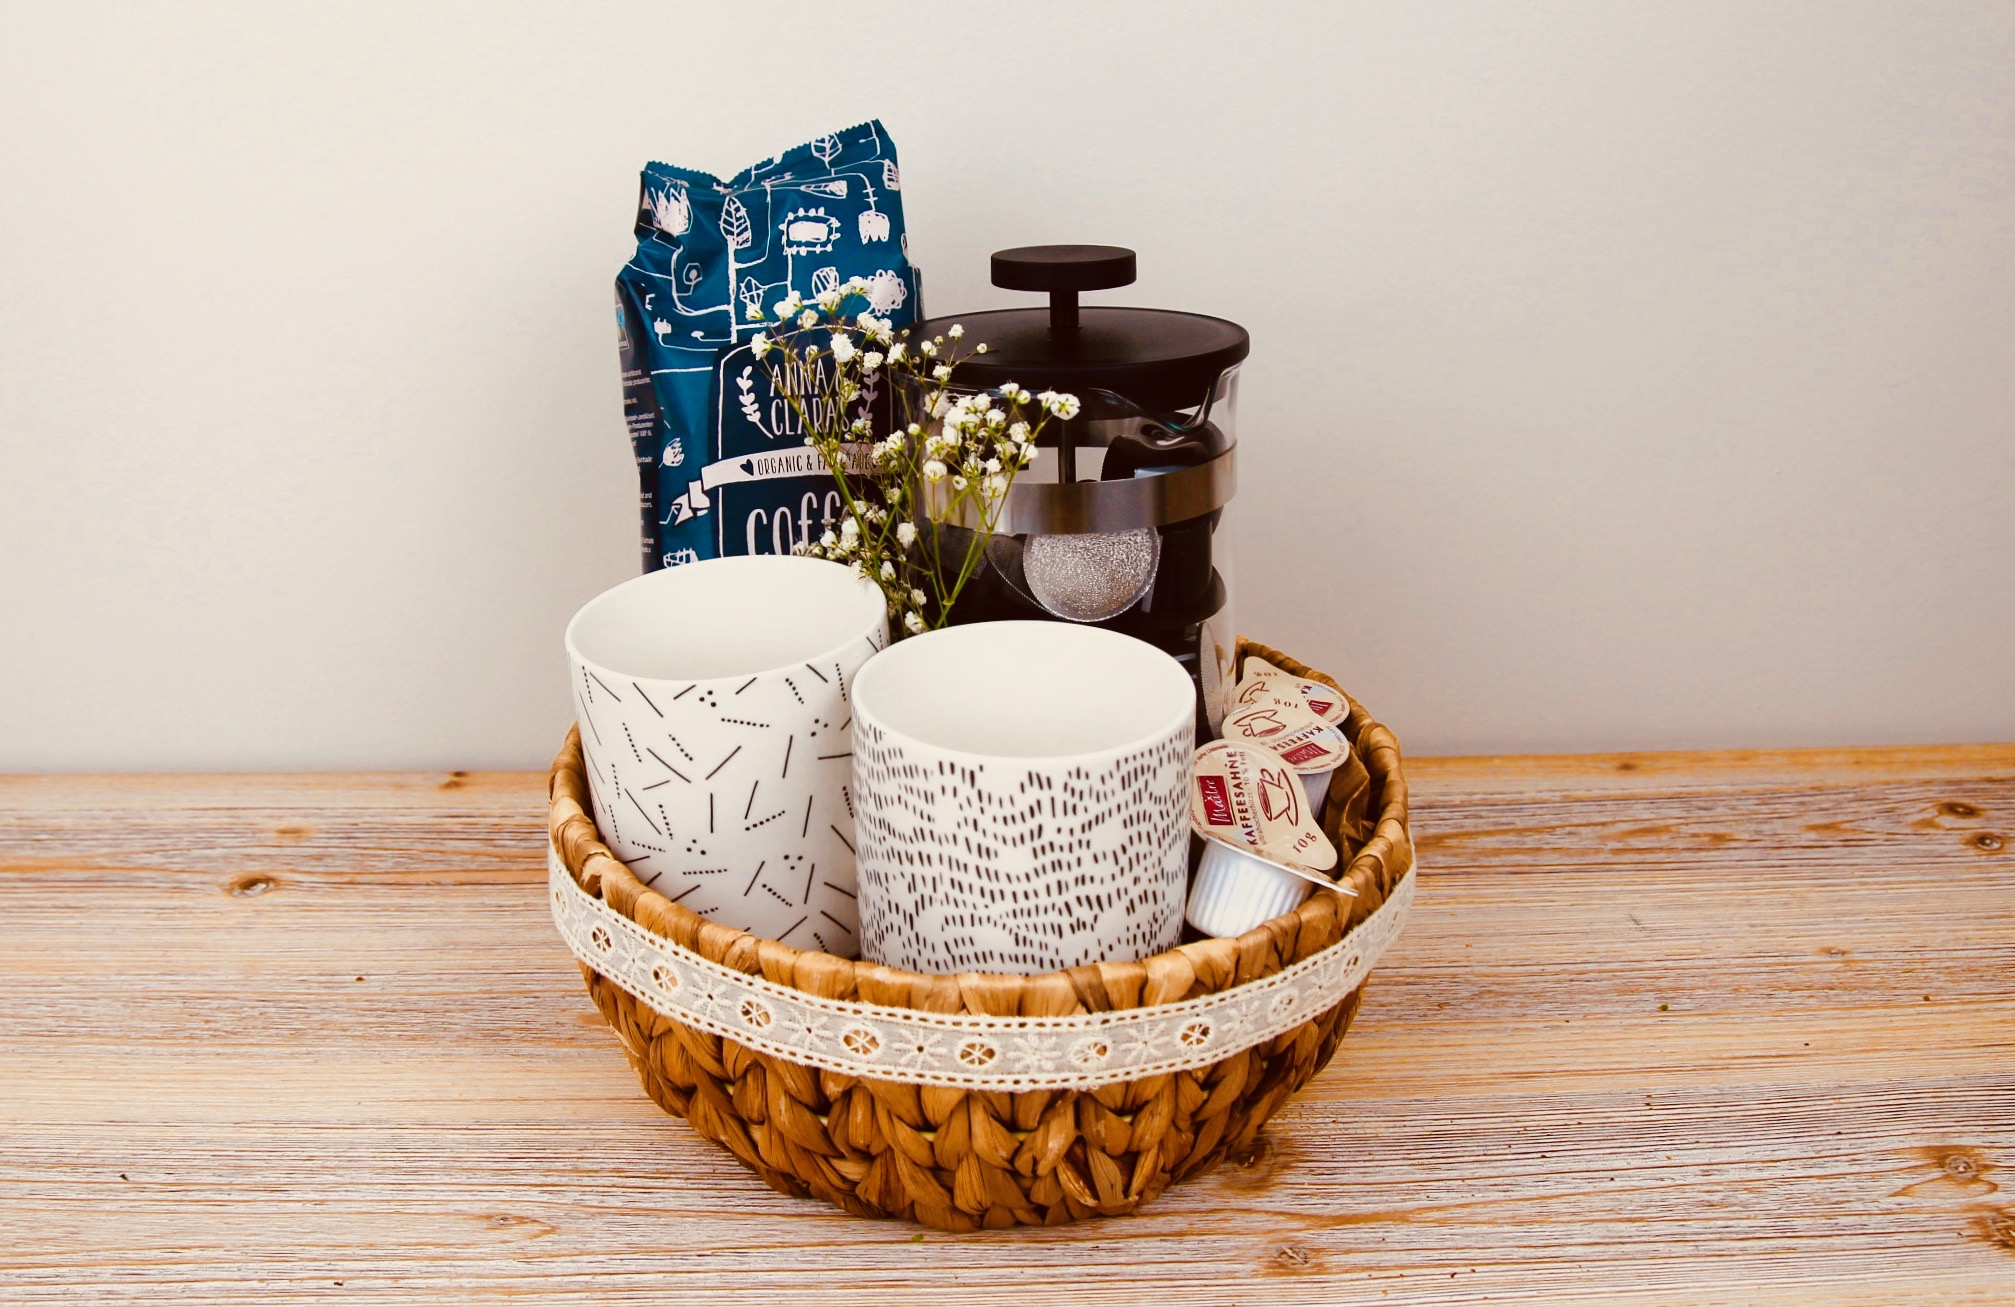 Presentkorg med kaffe, kaffekokare och muggar